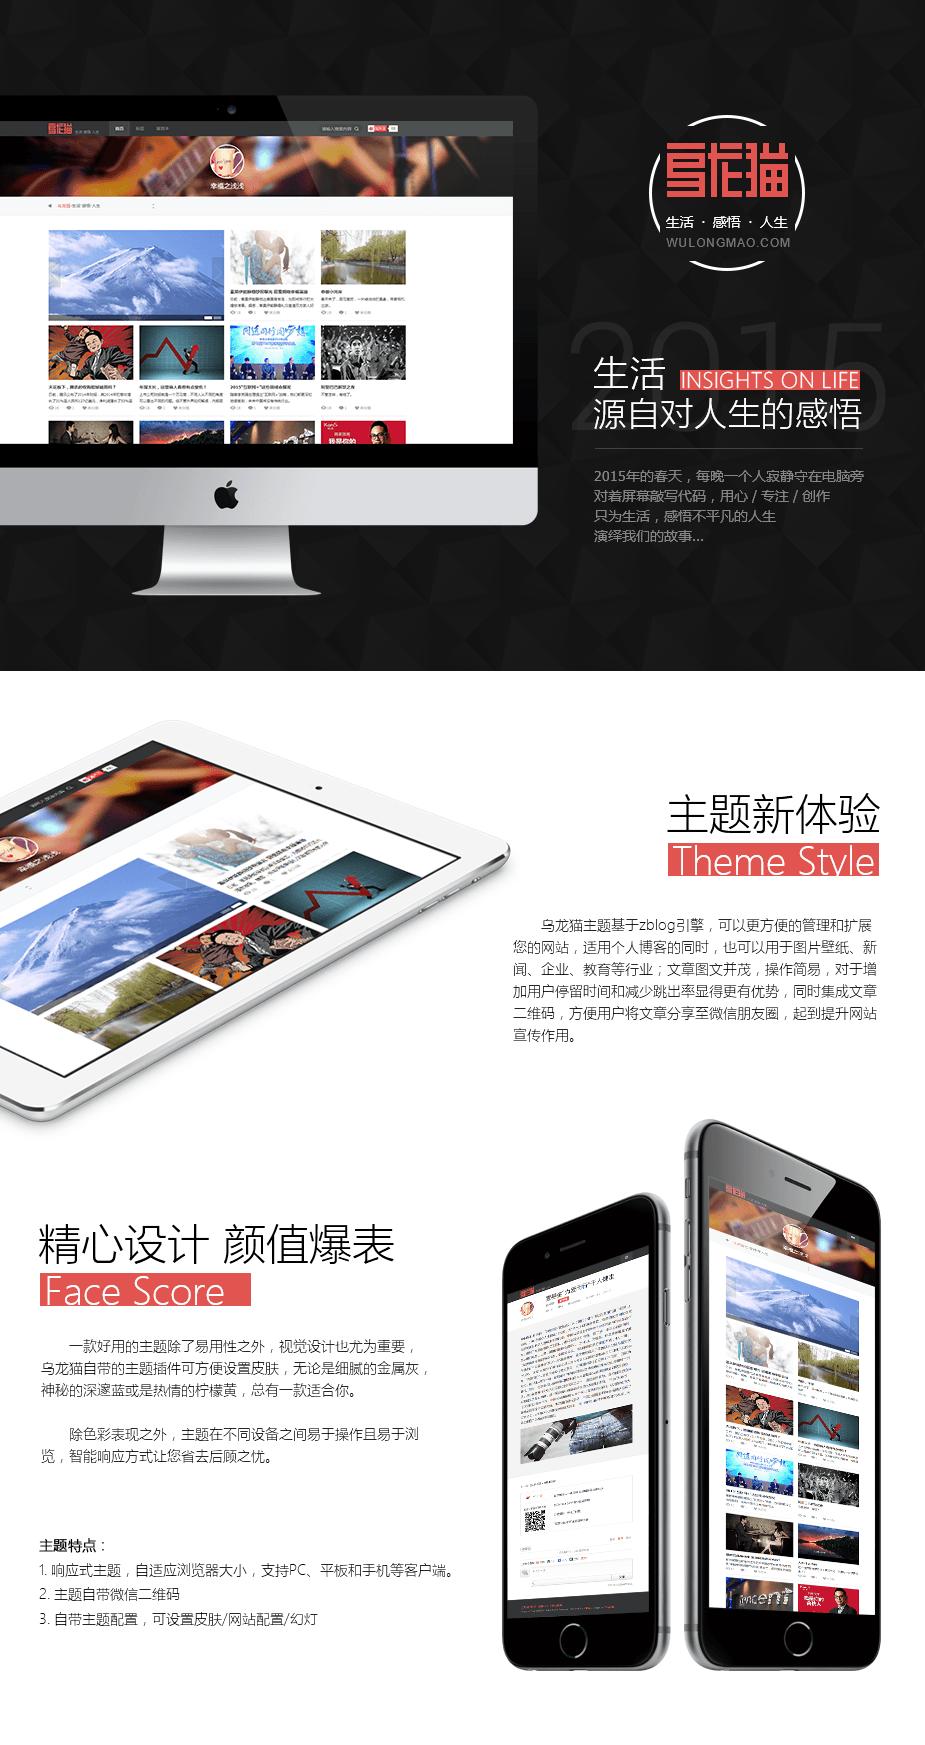 2015拓源网旗下乌龙猫新版网站改版上线